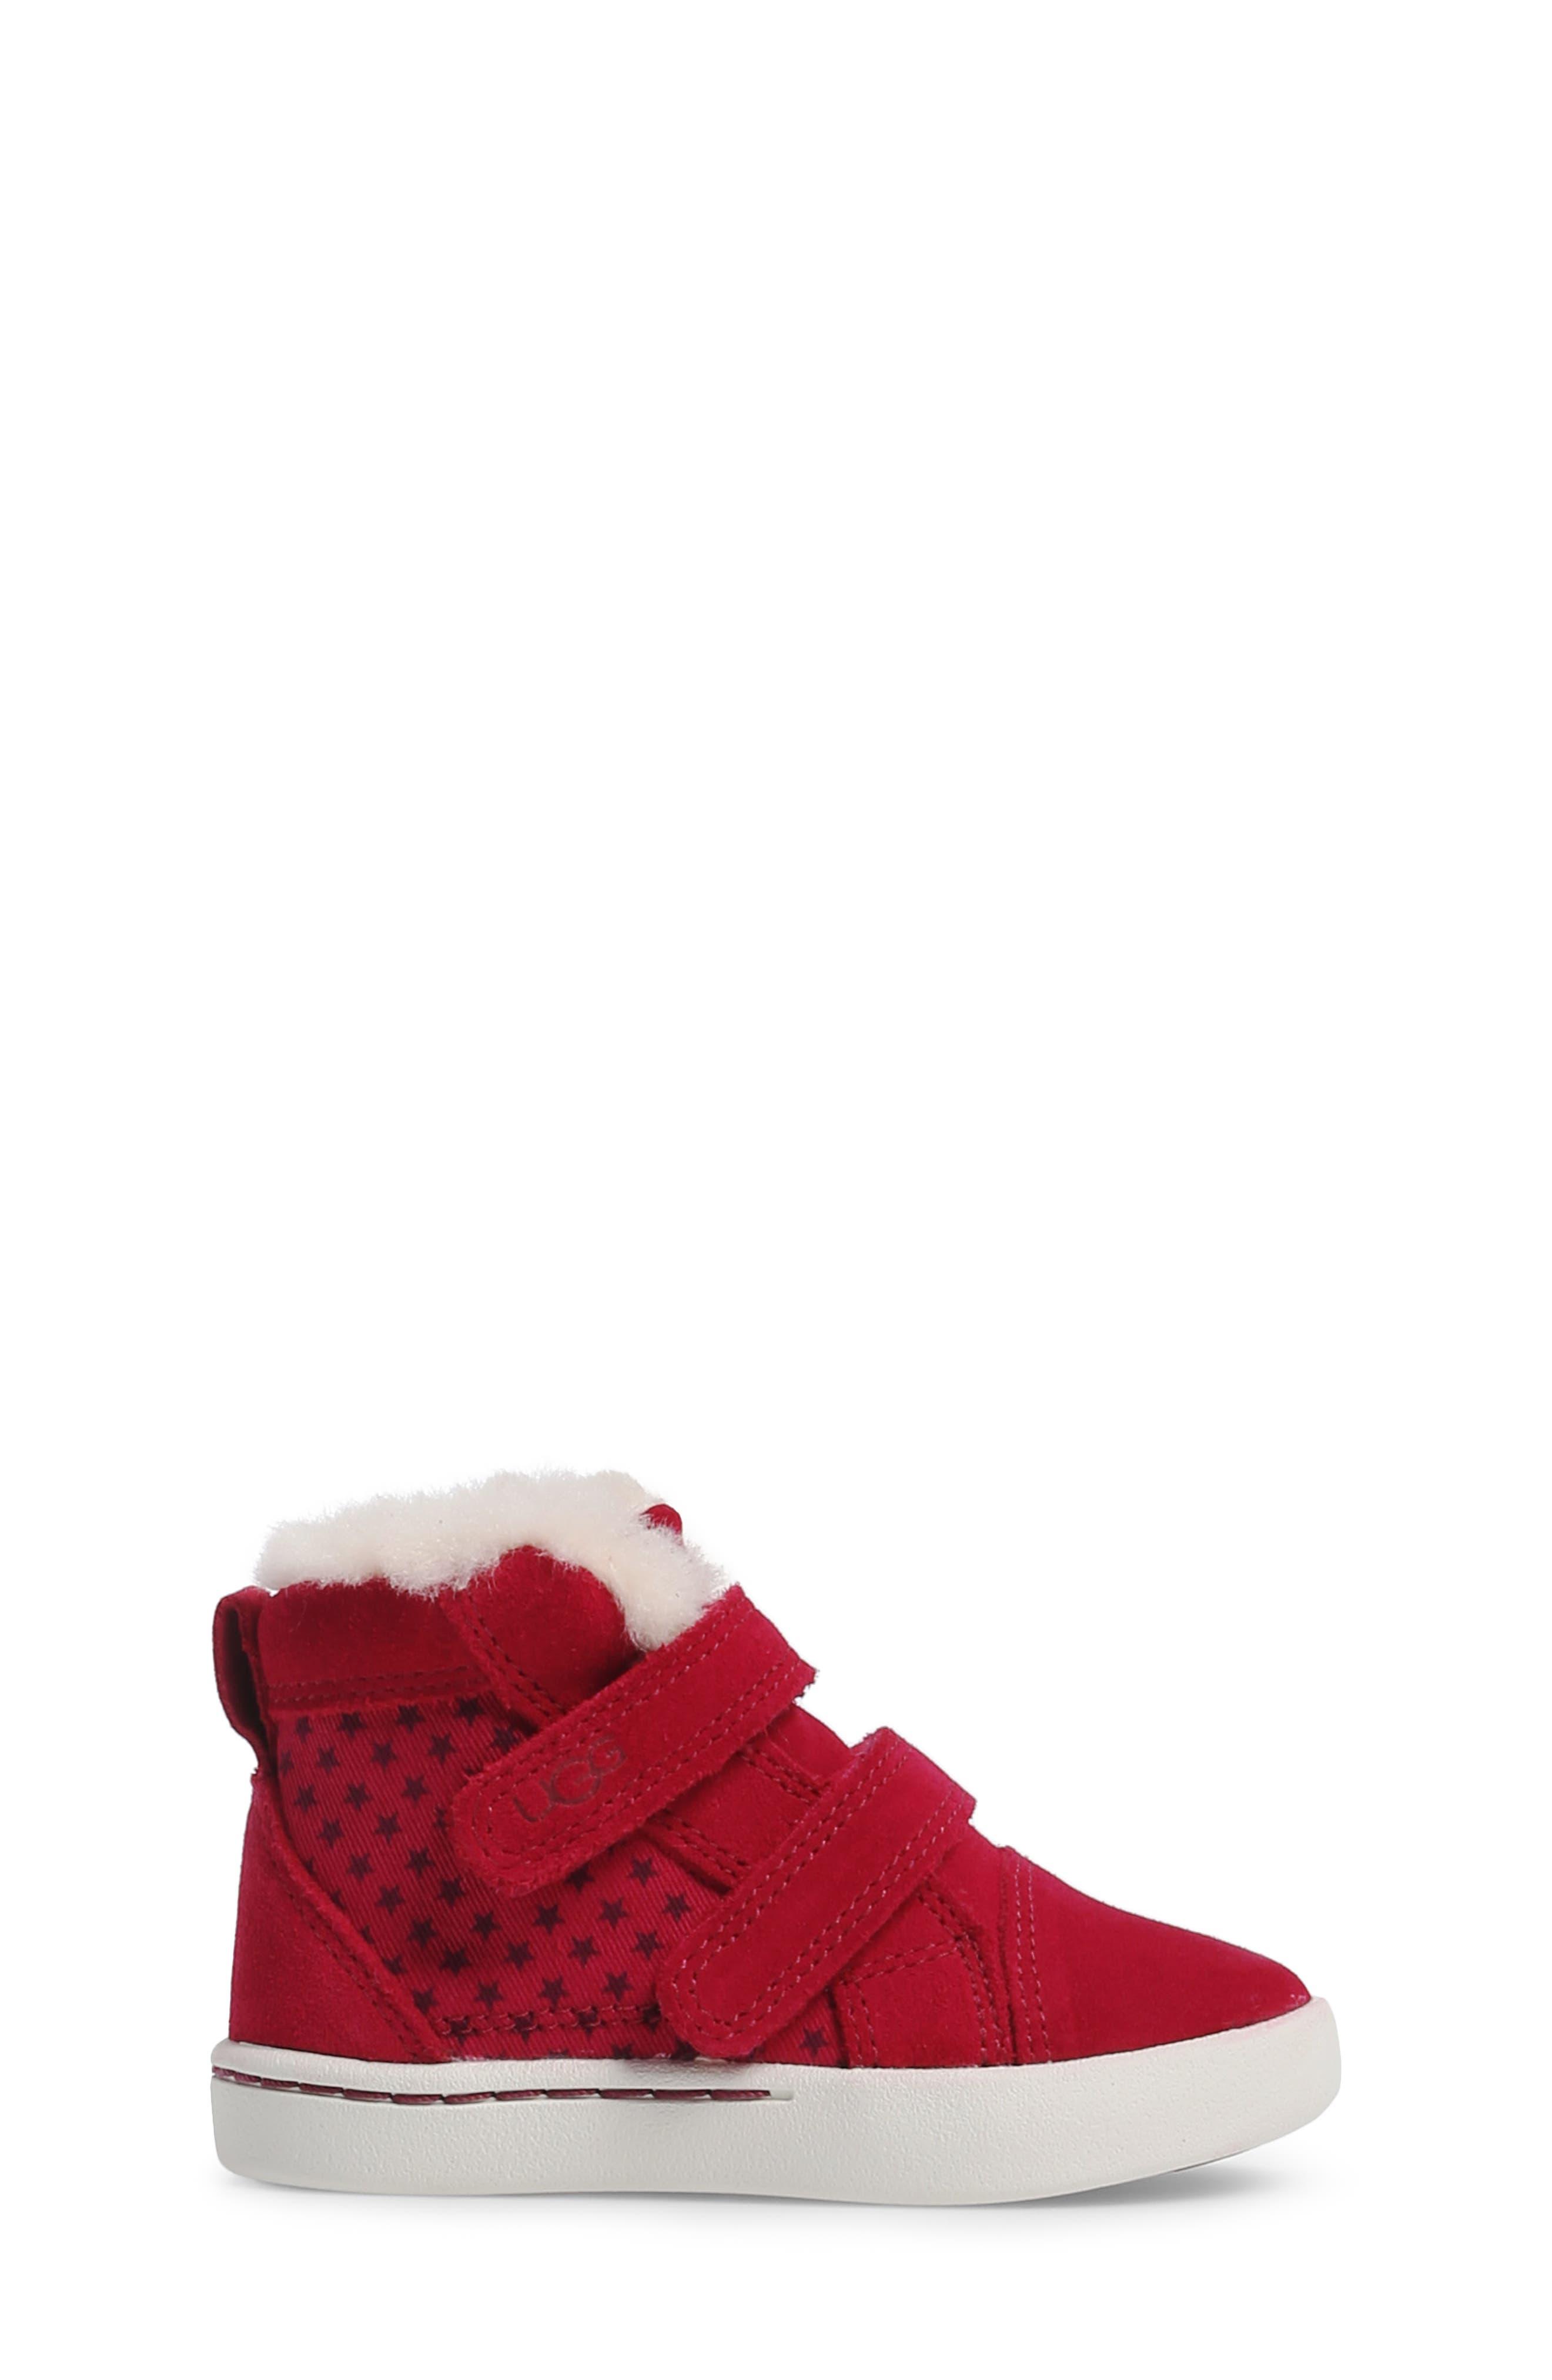 Rennon Stars High Top Sneaker,                             Alternate thumbnail 3, color,                             650